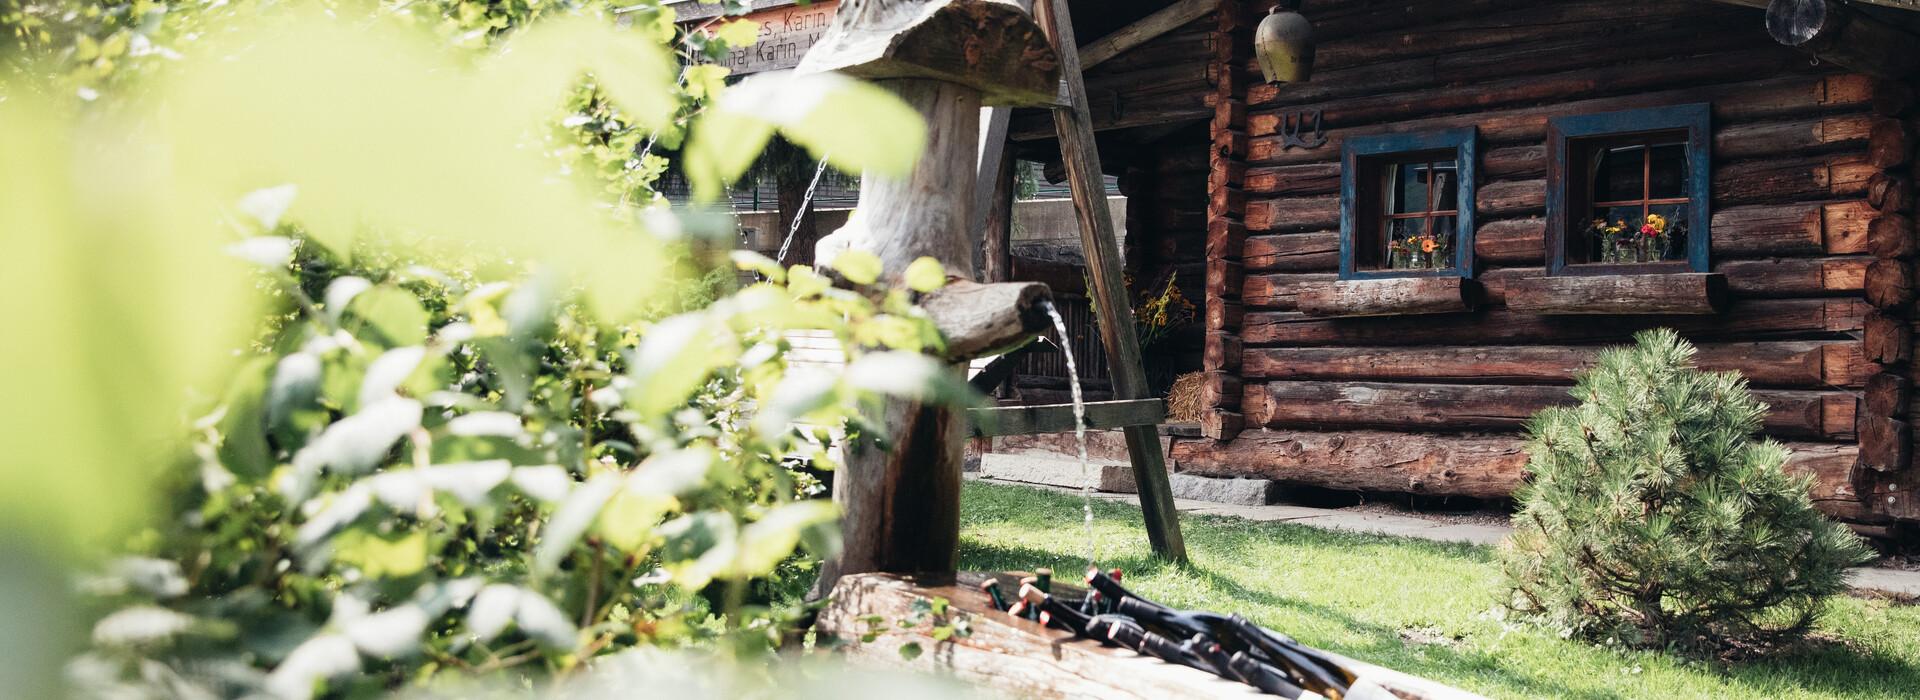 Blick auf die traditionelle Nessleralm mit Holzbrunnen